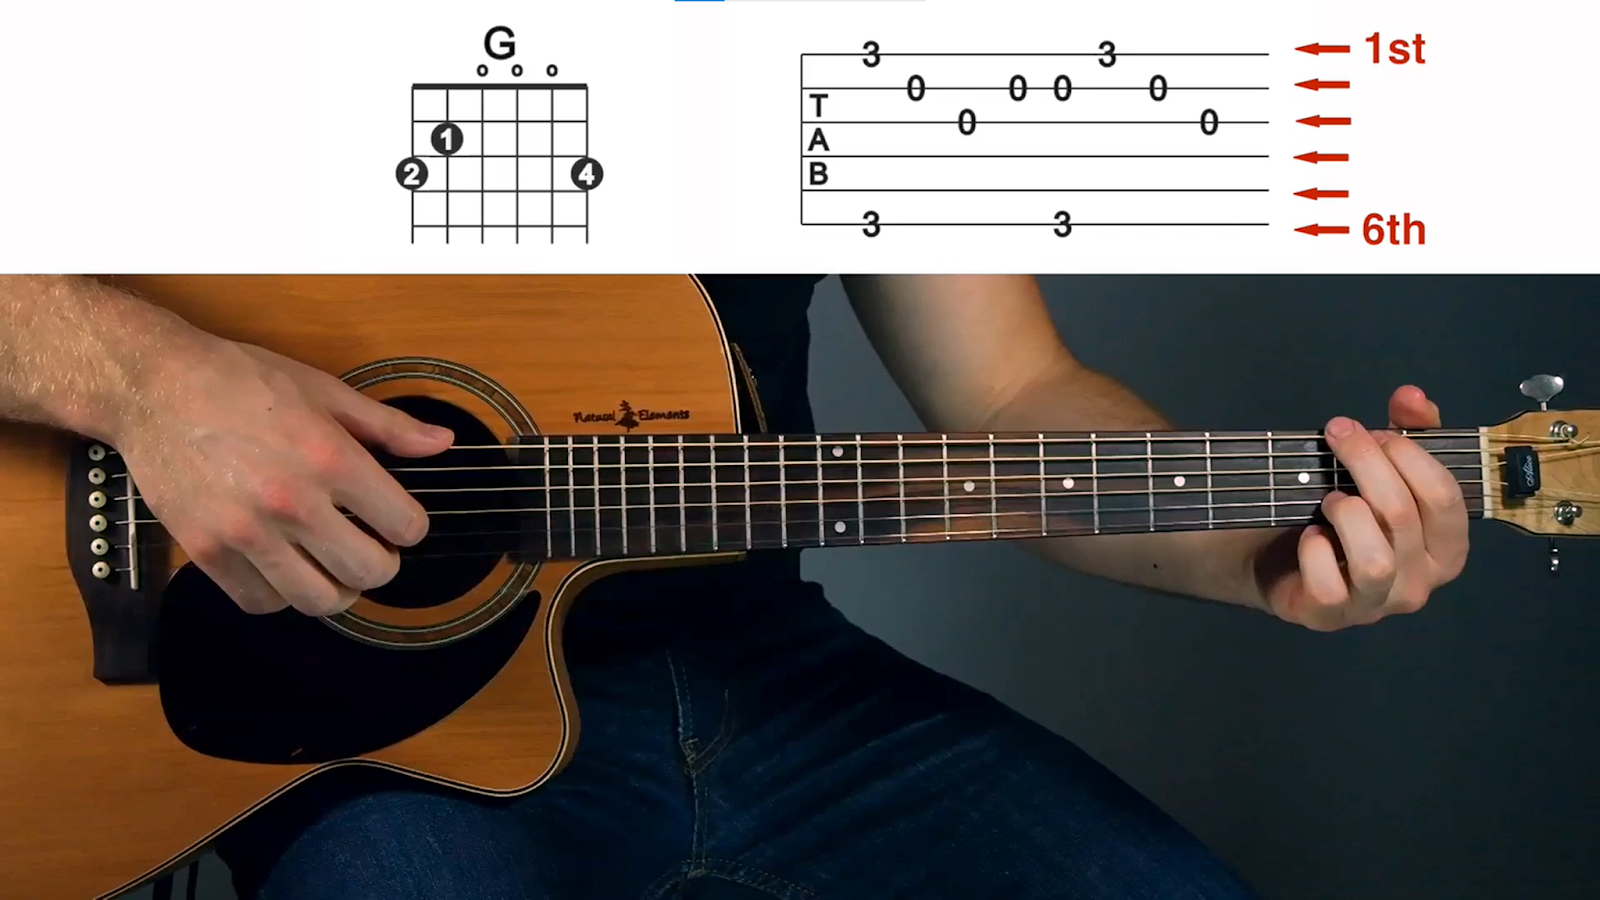 G chord